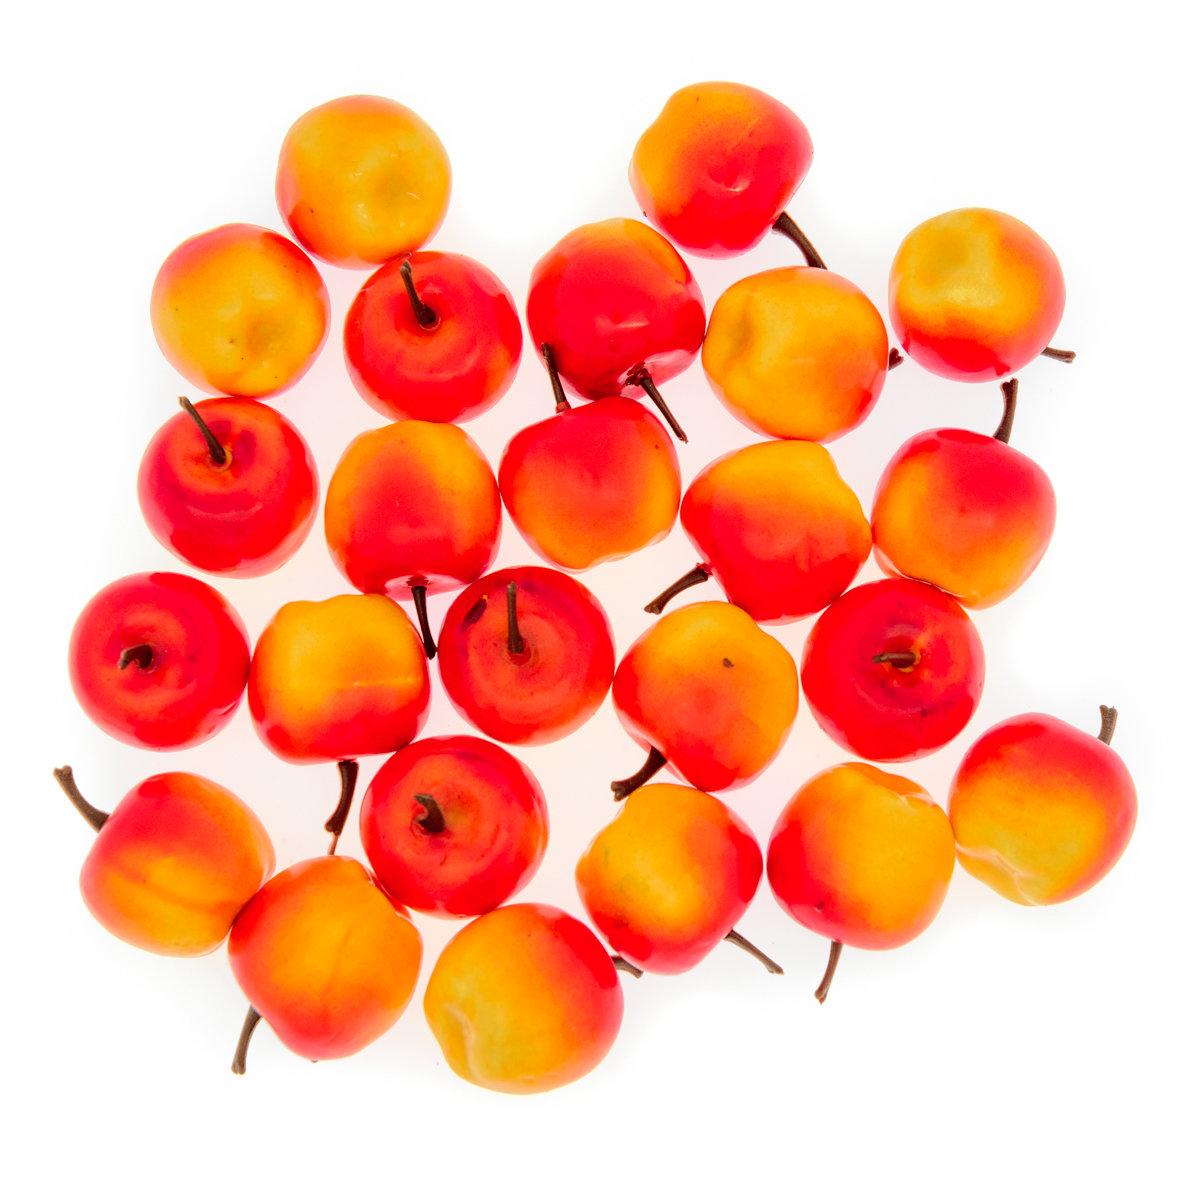 Счетный материал. Яблочки-2. (24 эл.)